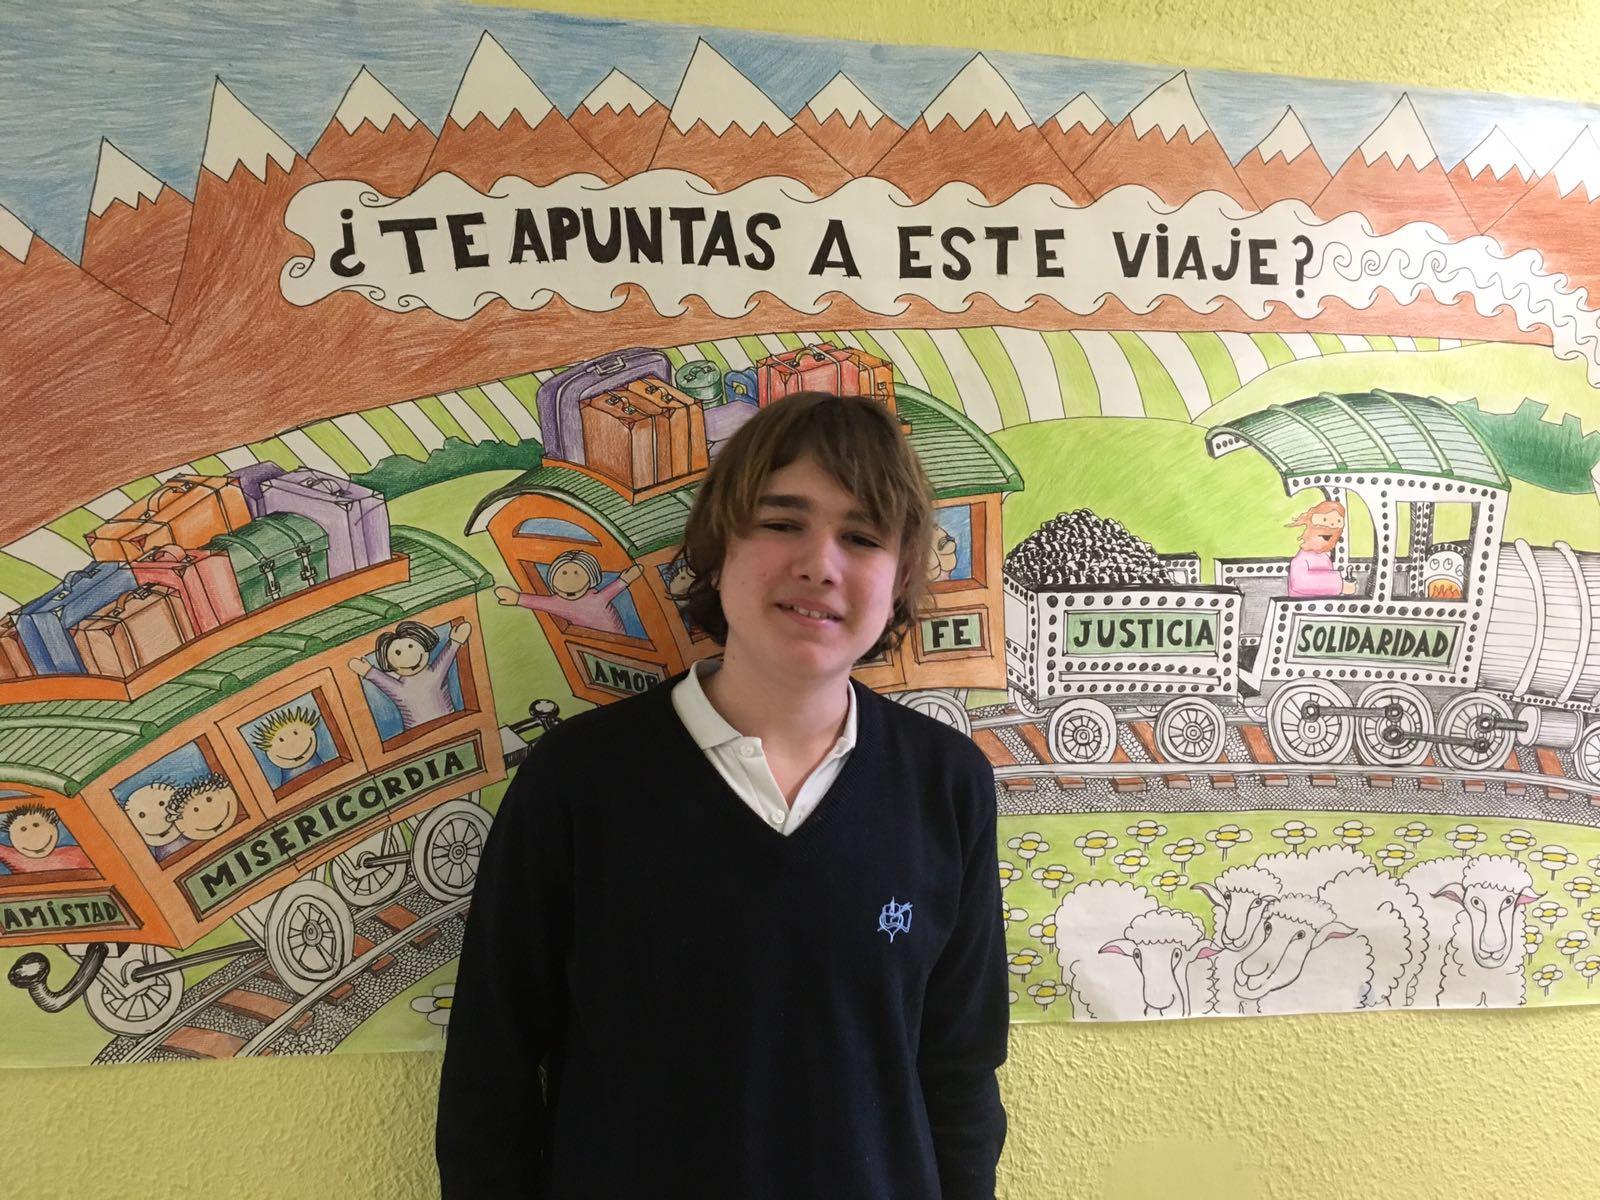 Agustinas Valladolid - 2017 - ESO 2 - Olimpiada Matemática - Clasificado